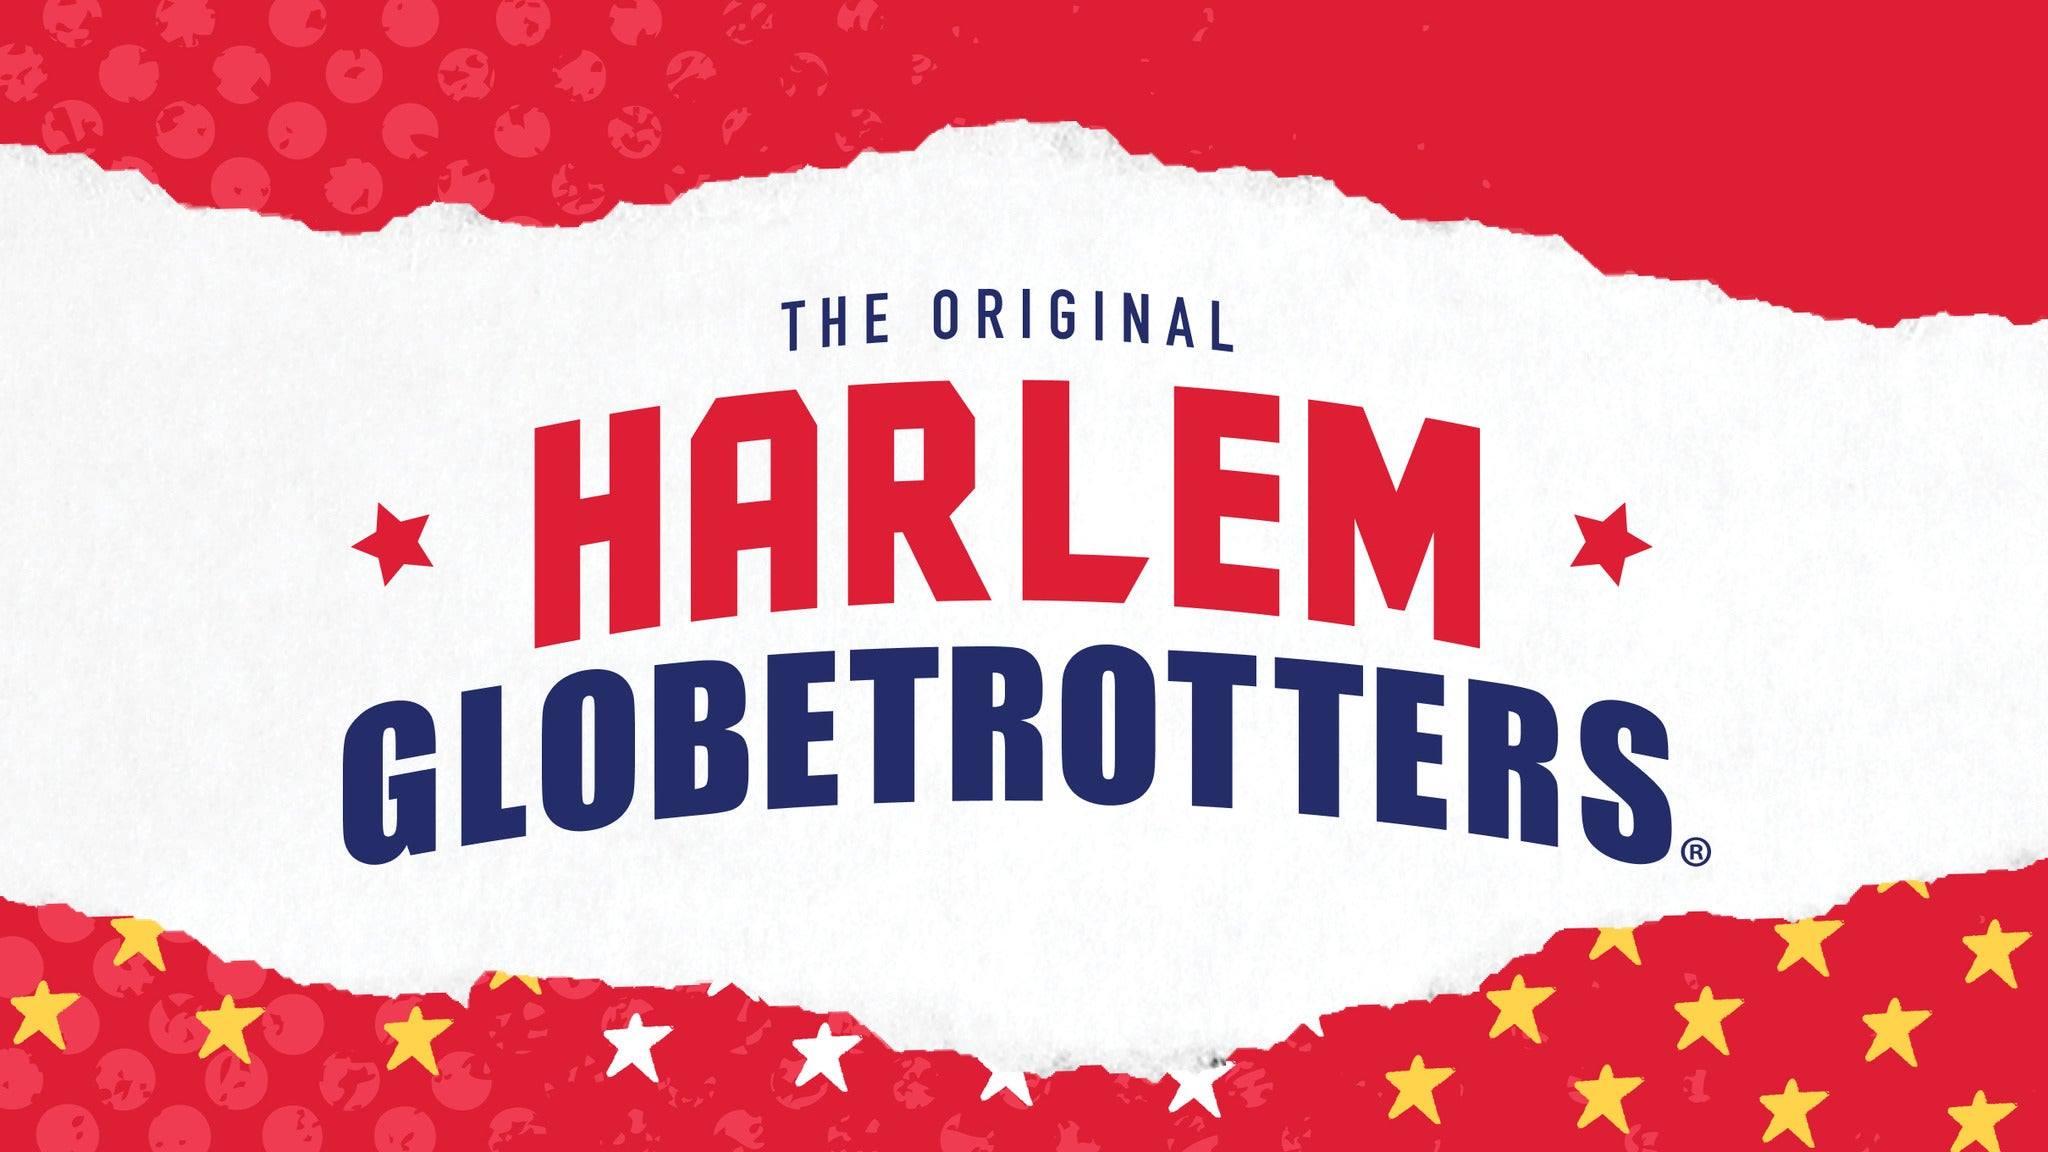 Harlem Globetrotters XL Center Hartford CT